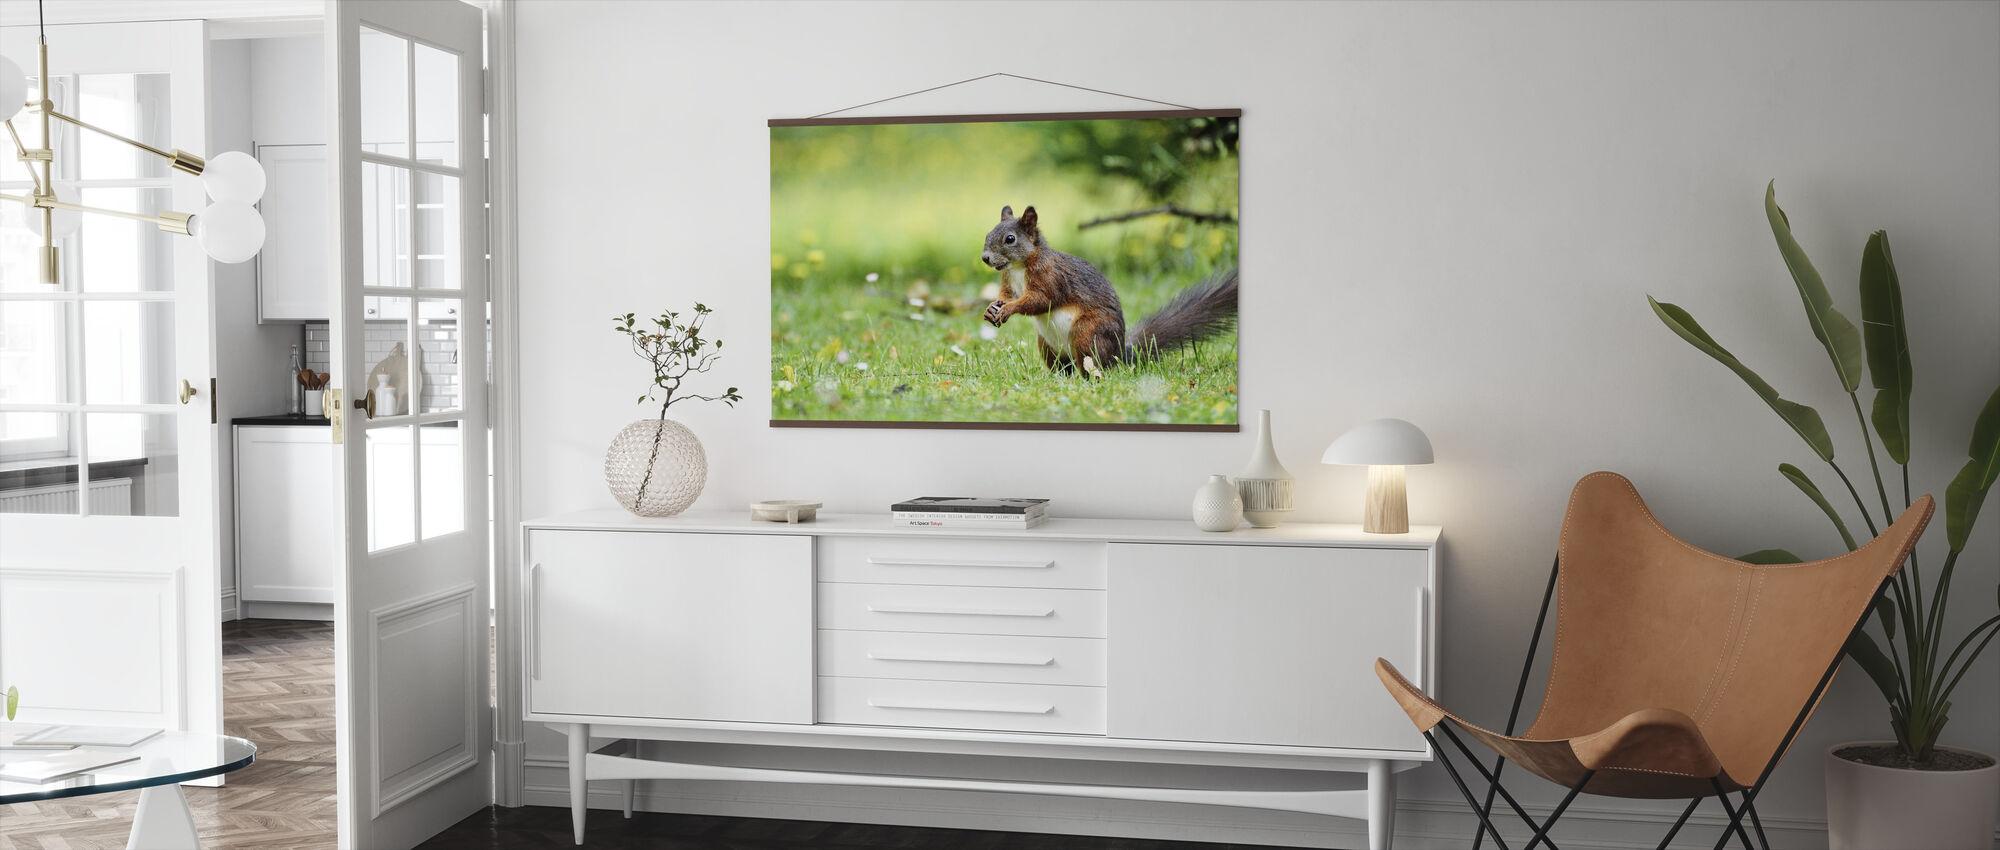 Spis wiewiórek - Plakat - Pokój dzienny